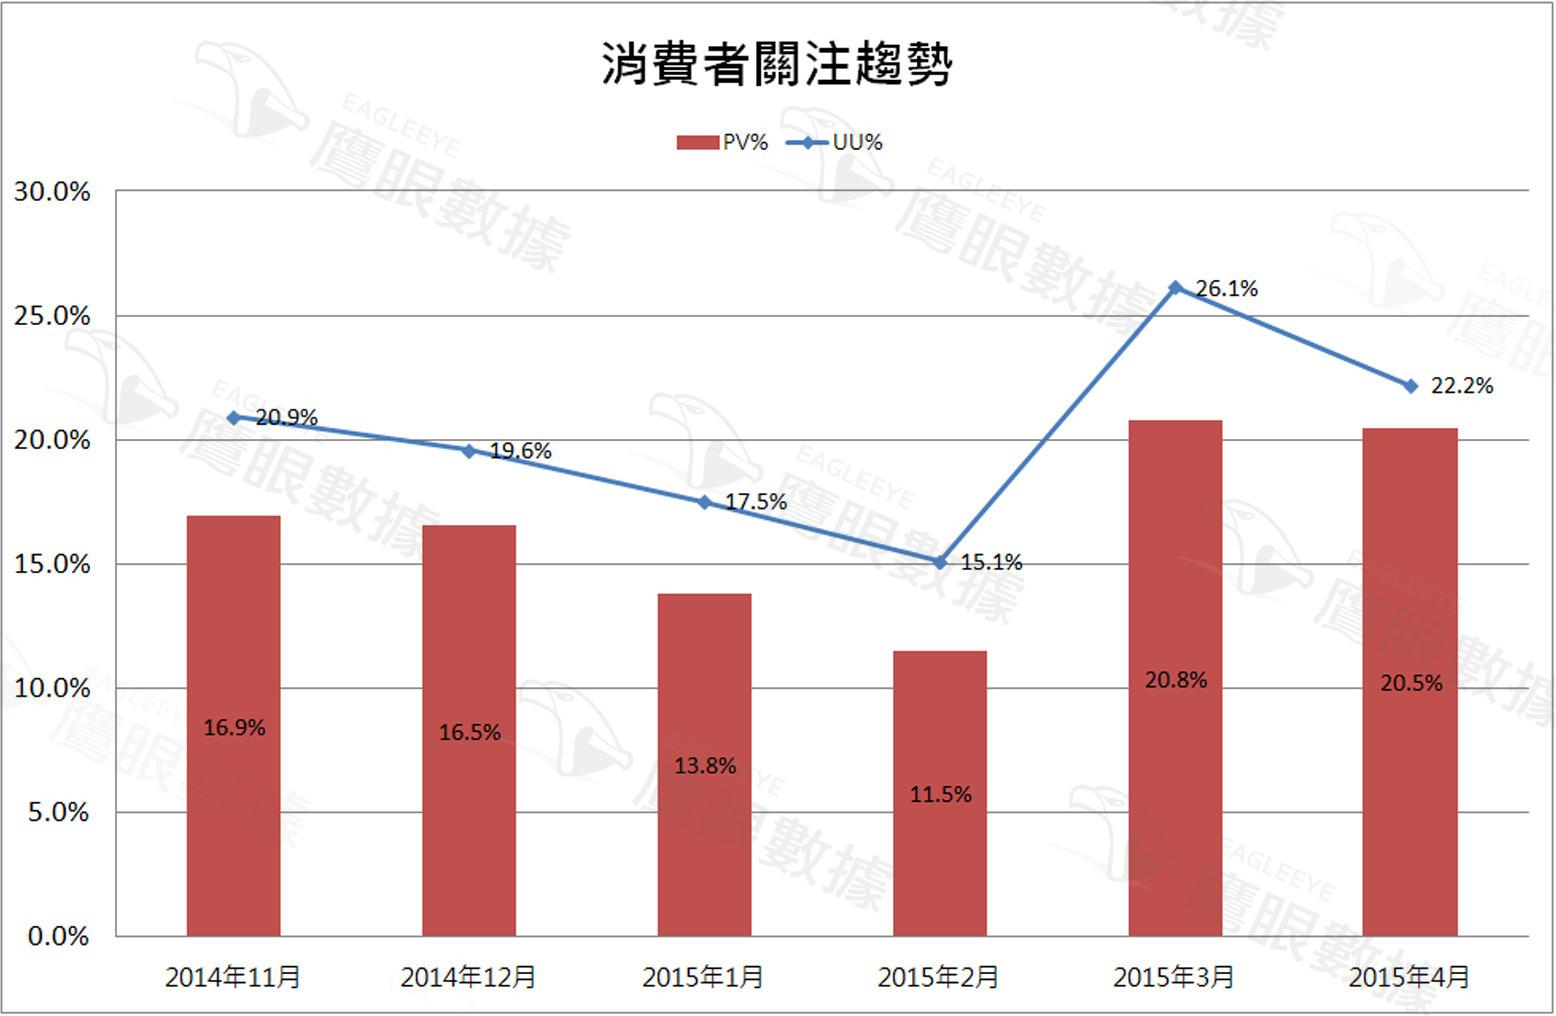 〈2015年4月〉台灣網路消費者對空氣清淨機購買行為與通路分析-EAGLEEYE鷹眼數據